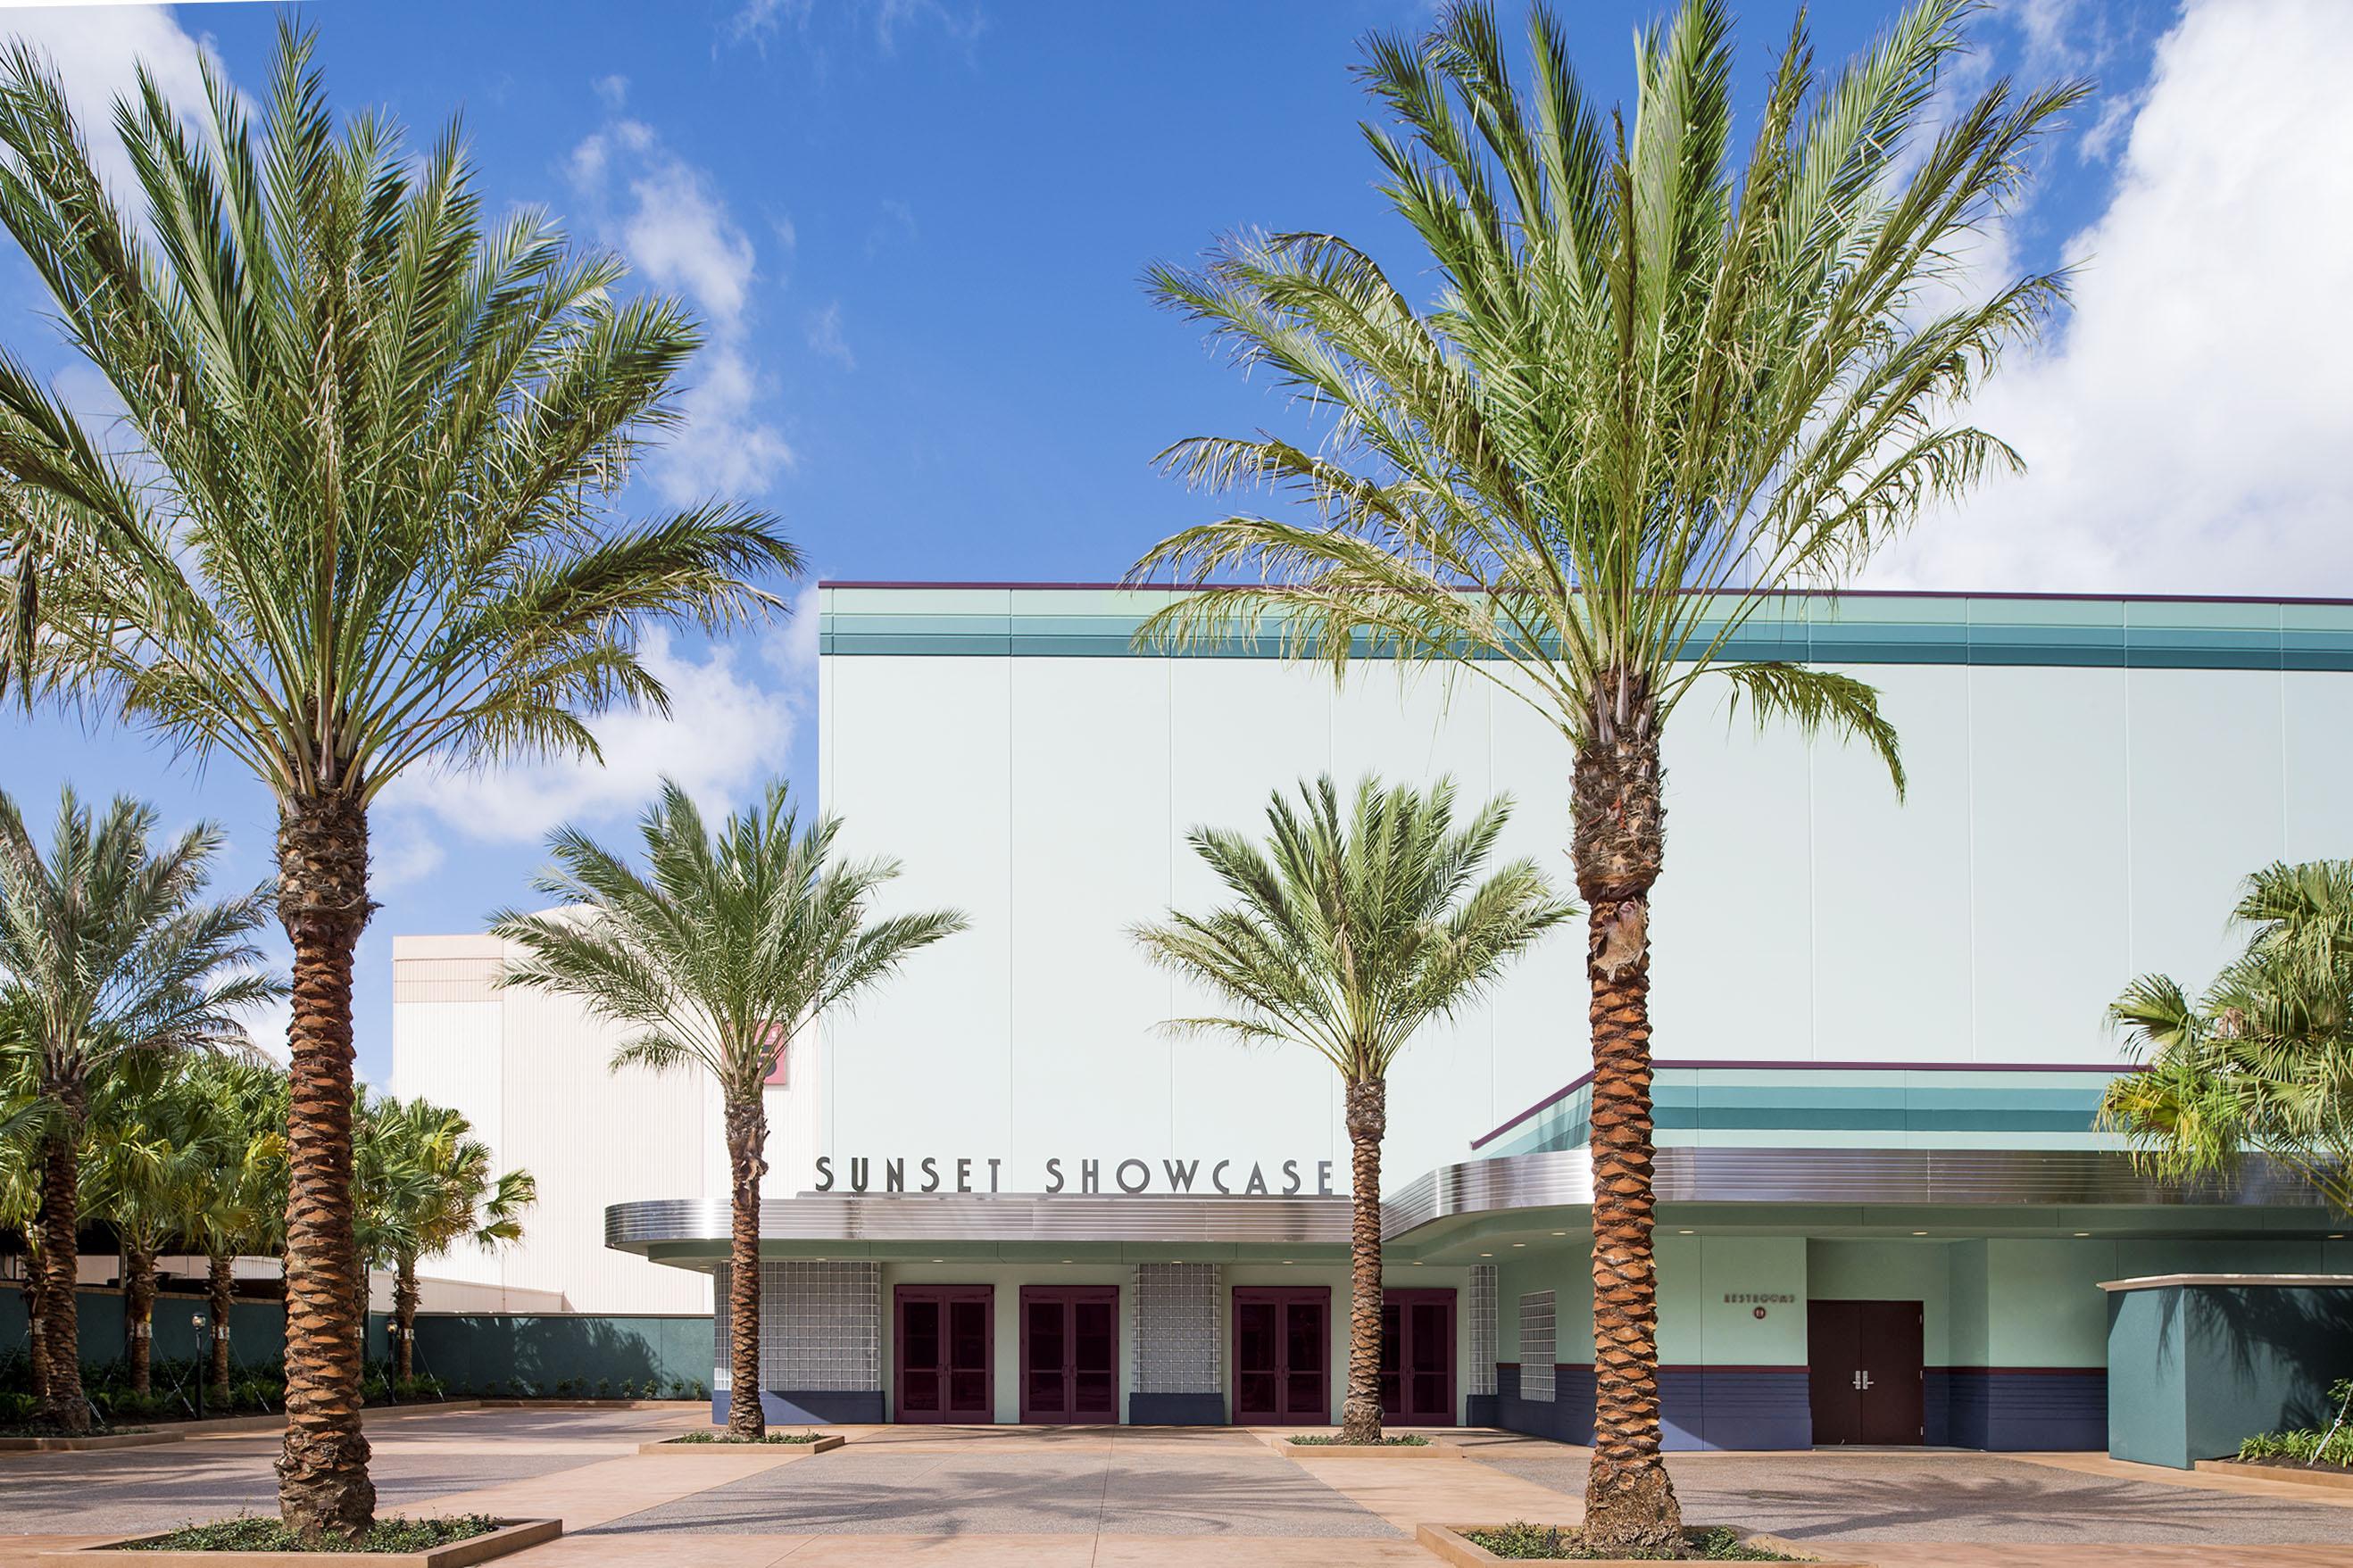 Sunset Showcase building